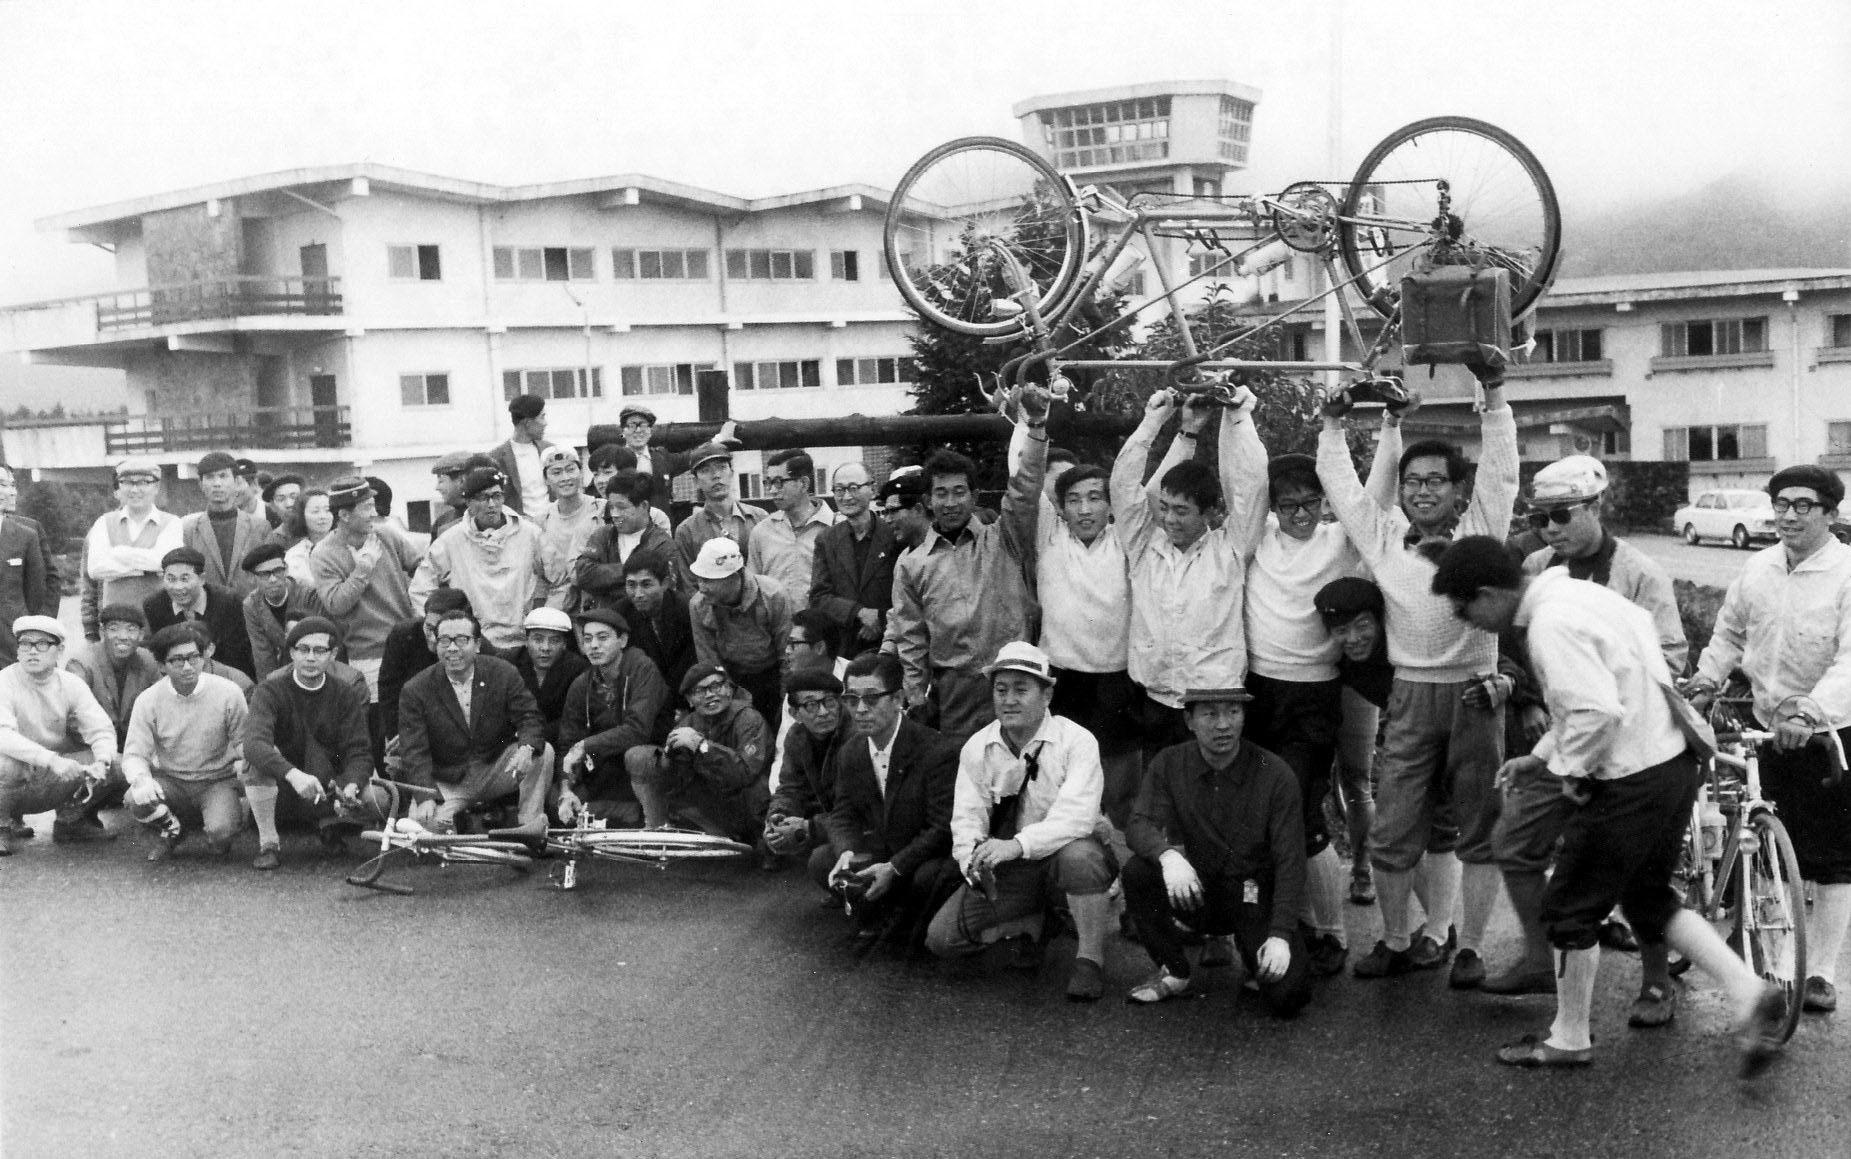 第51回 全国サイクリングクラブラリーin 諏訪湖 (中止・延期)_b0174217_11391580.jpg